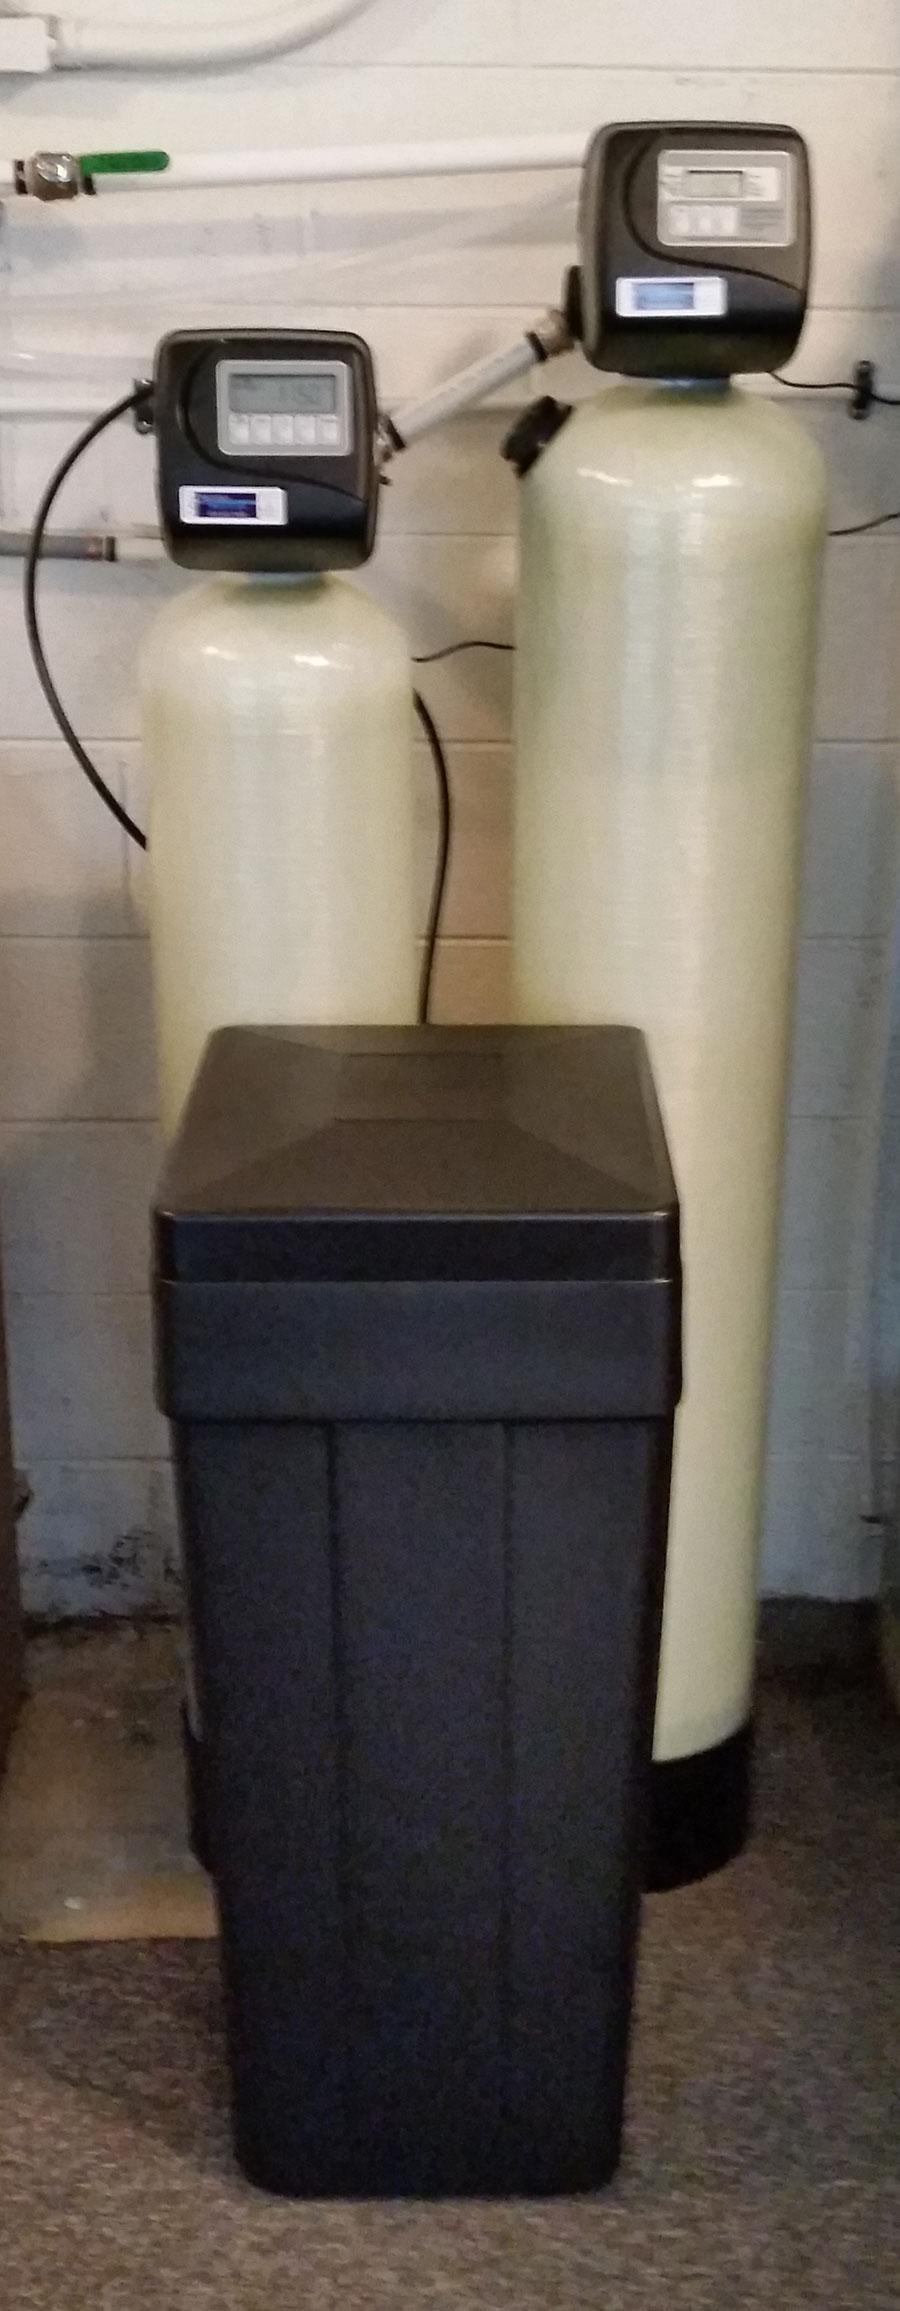 Weaverville Install Softener